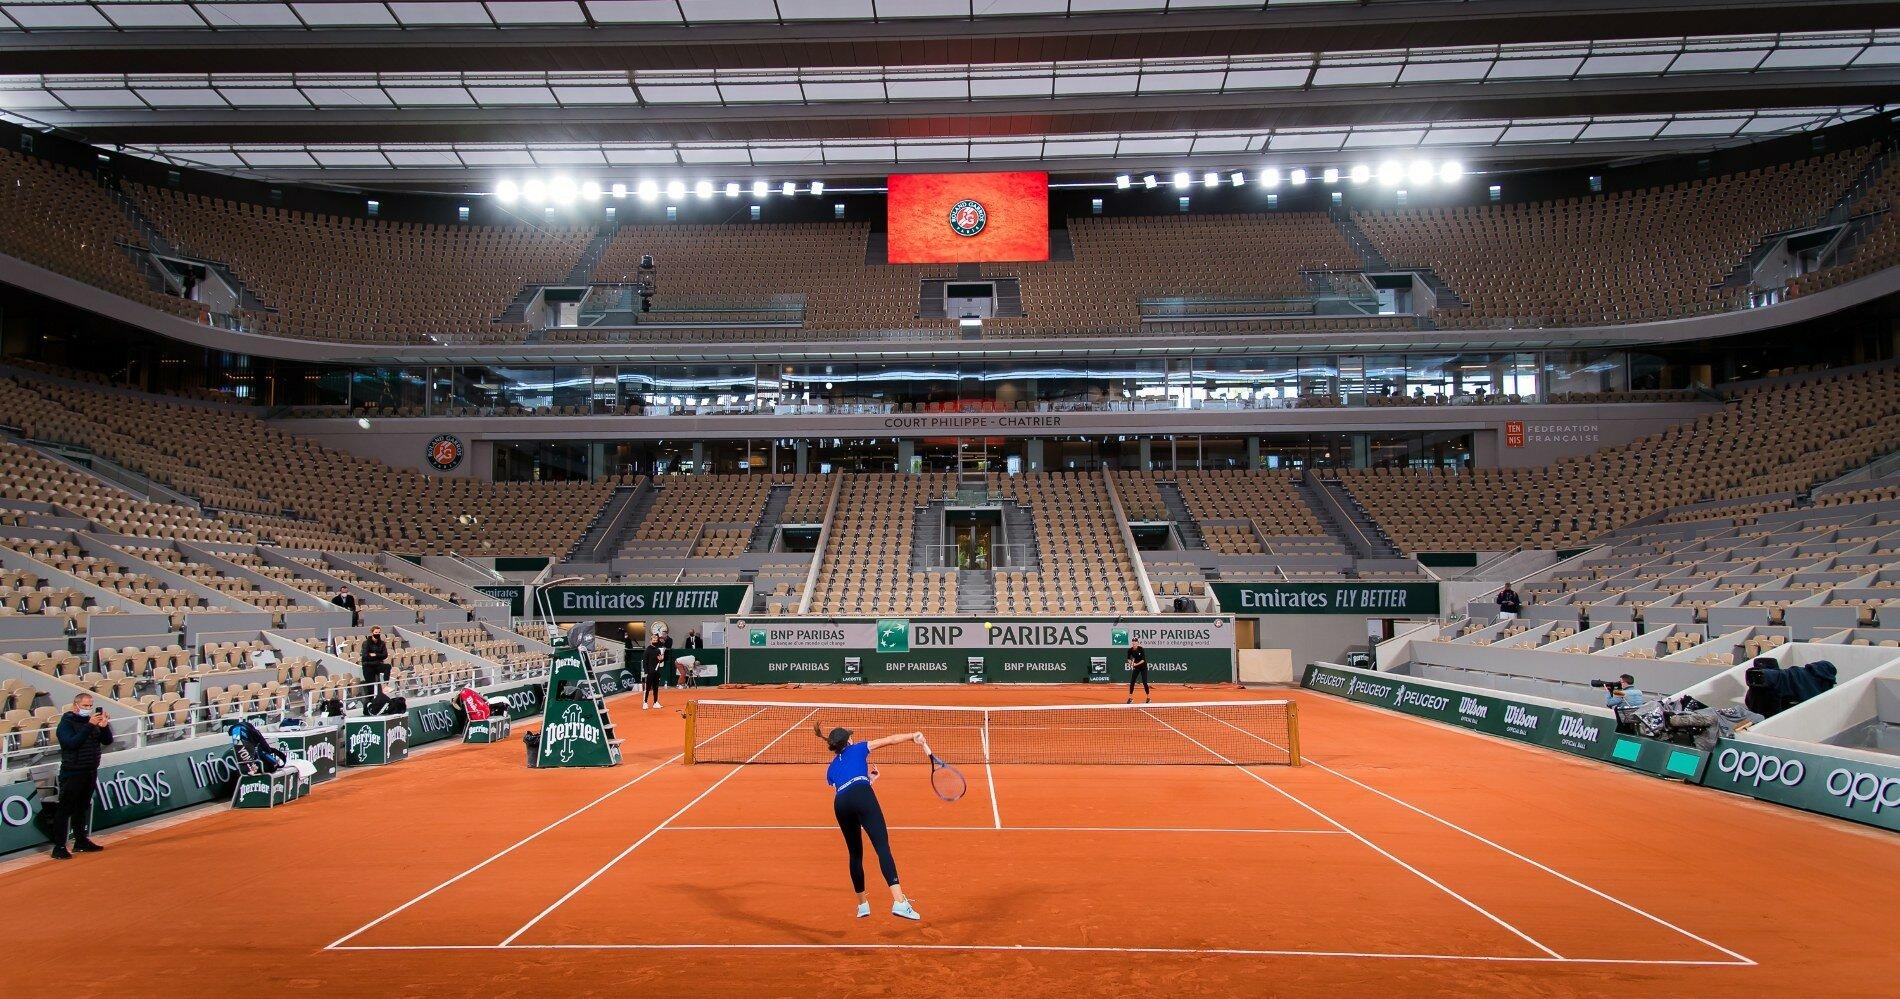 Открытый чемпионат Франции по теннису официально перенесли